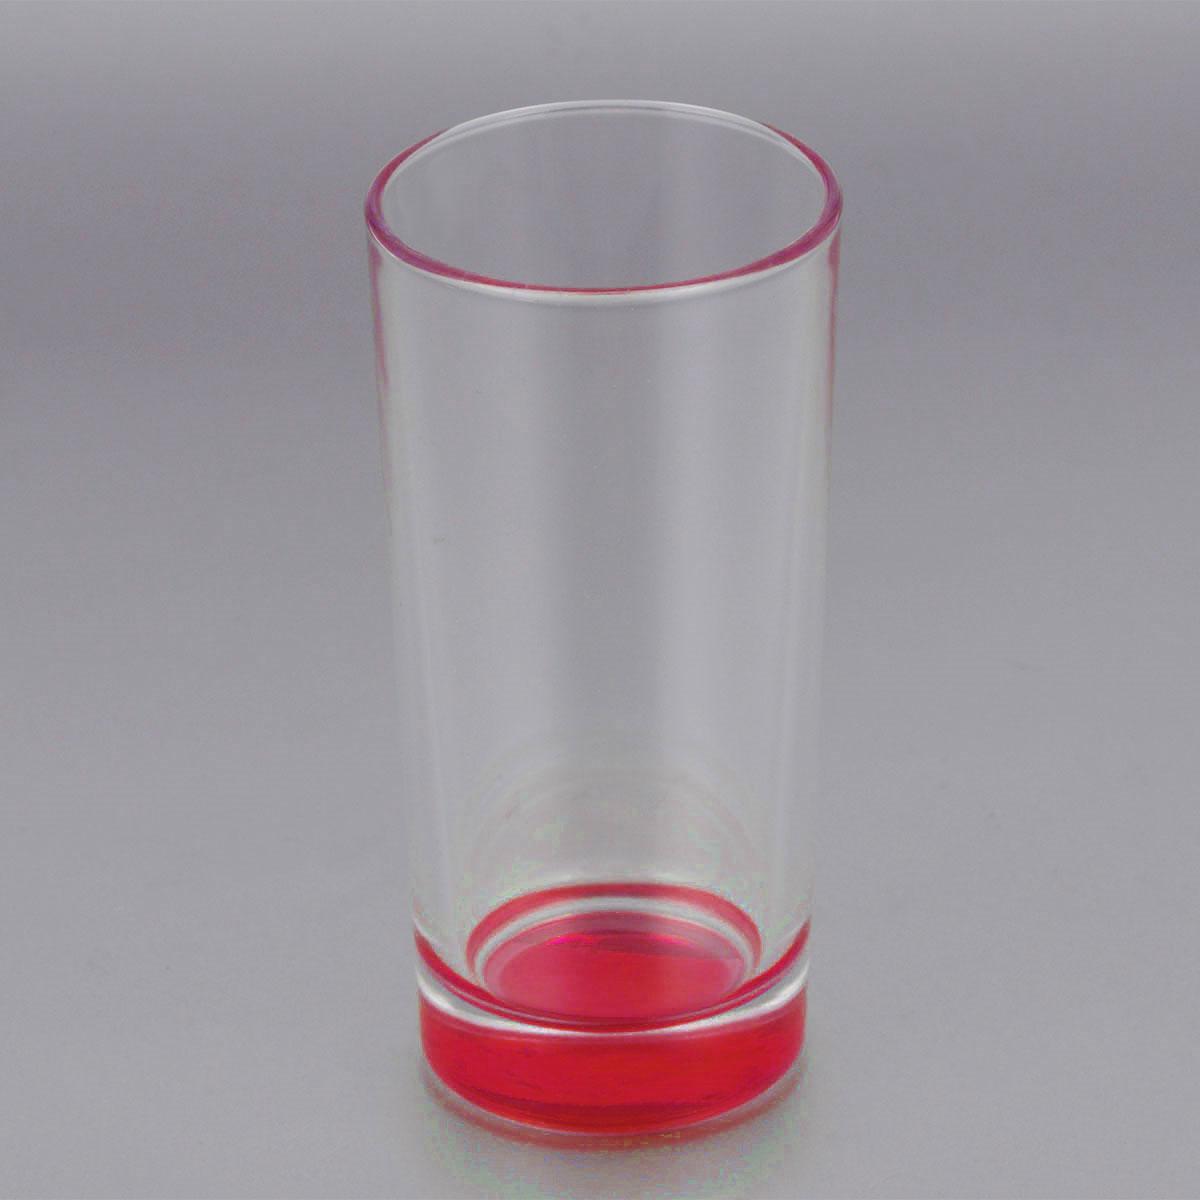 Стакан ОСЗ Лак, цвет: красный, 280 мл03С1018 ЛМ_красныйВысокий стакан ОСЗ Лак изготовлен из высококачественного стекла, которое изысканно блестит и переливается на свету. Дно стакана окрашено. Стакан прозрачный, но при его наклоне создается оптическая иллюзия того, что и сам стакан окрашен. Такой стакан отлично дополнит вашу коллекцию кухонной утвари и порадует вас ярким необычным дизайном и практичностью. Диаметр стакана: 7 см. Высота стакана: 14 см.